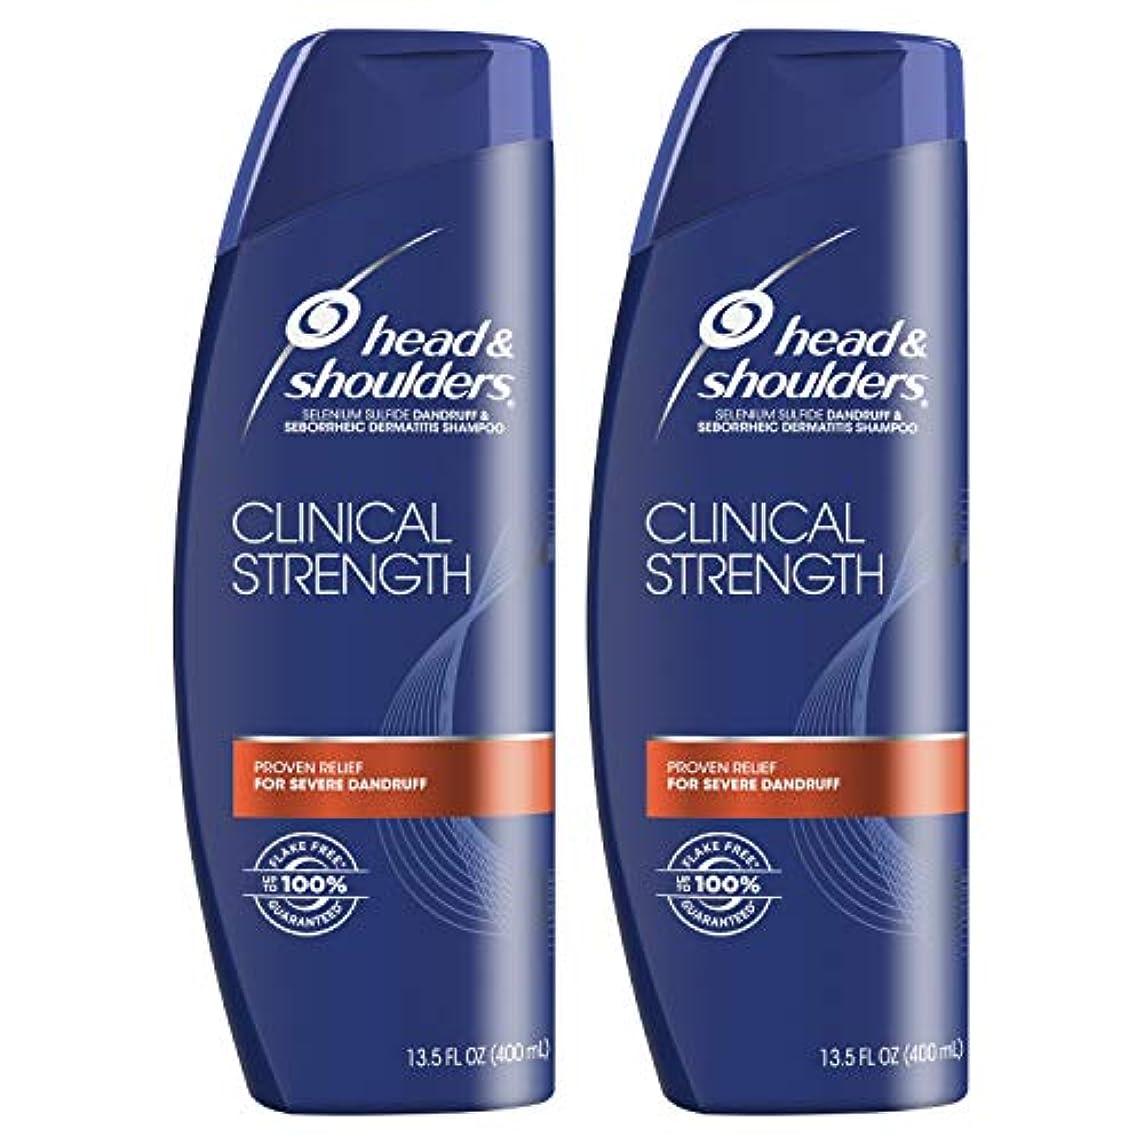 祭司増幅海洋Head and Shoulders Clinical Strength Dandruff and Seborrheic Dermatitisシャンプー、13.5 FL OZ